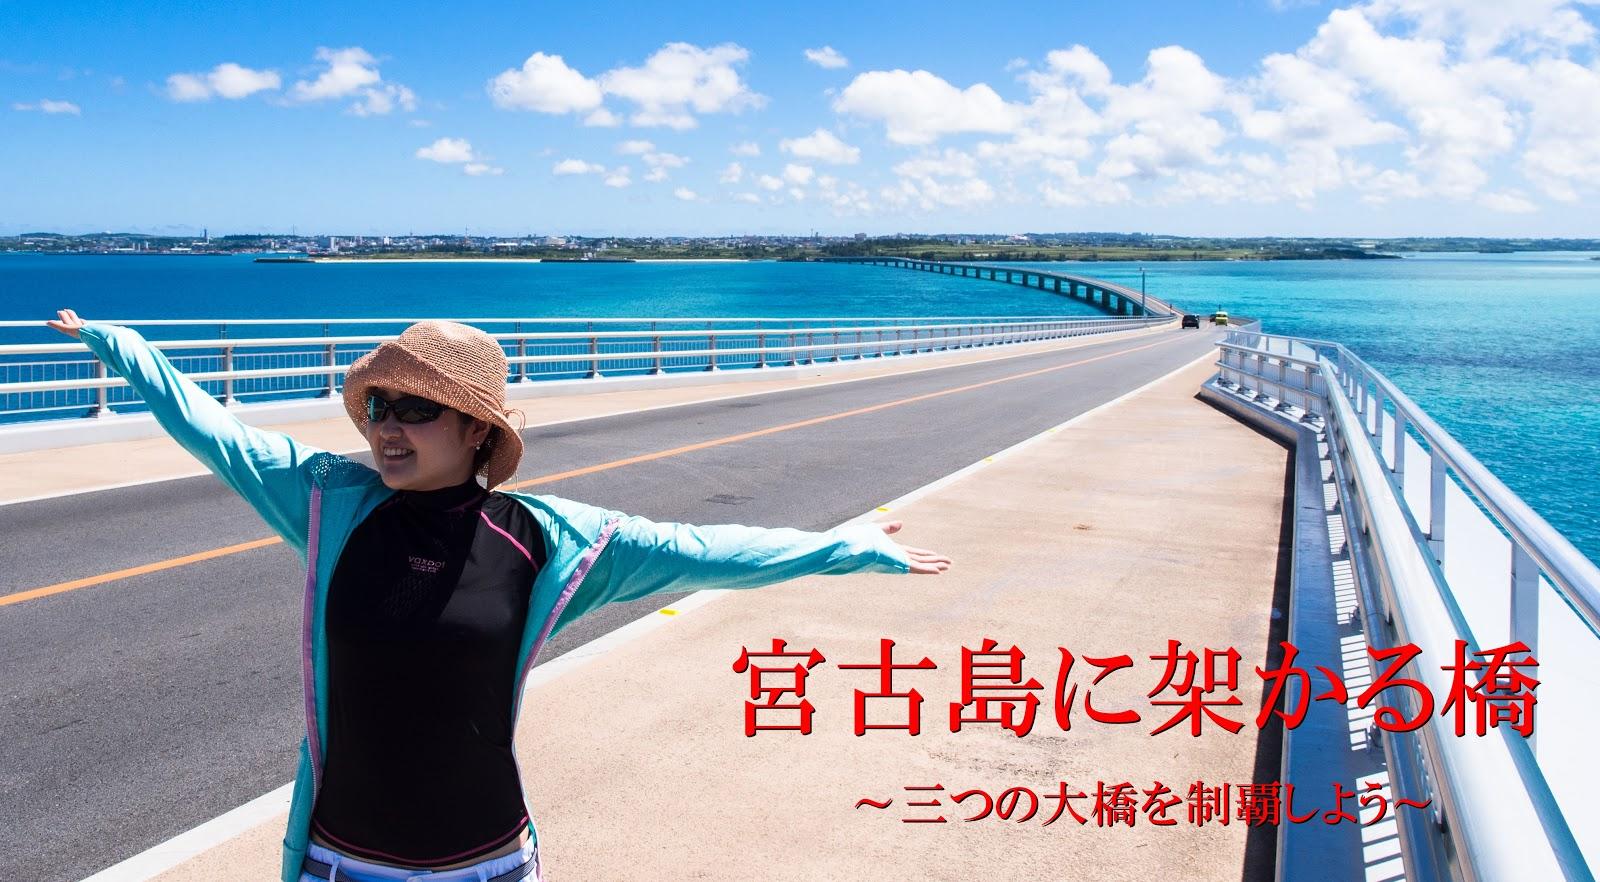 1/f ゆらぎ: 宮古島に架かる橋 ...